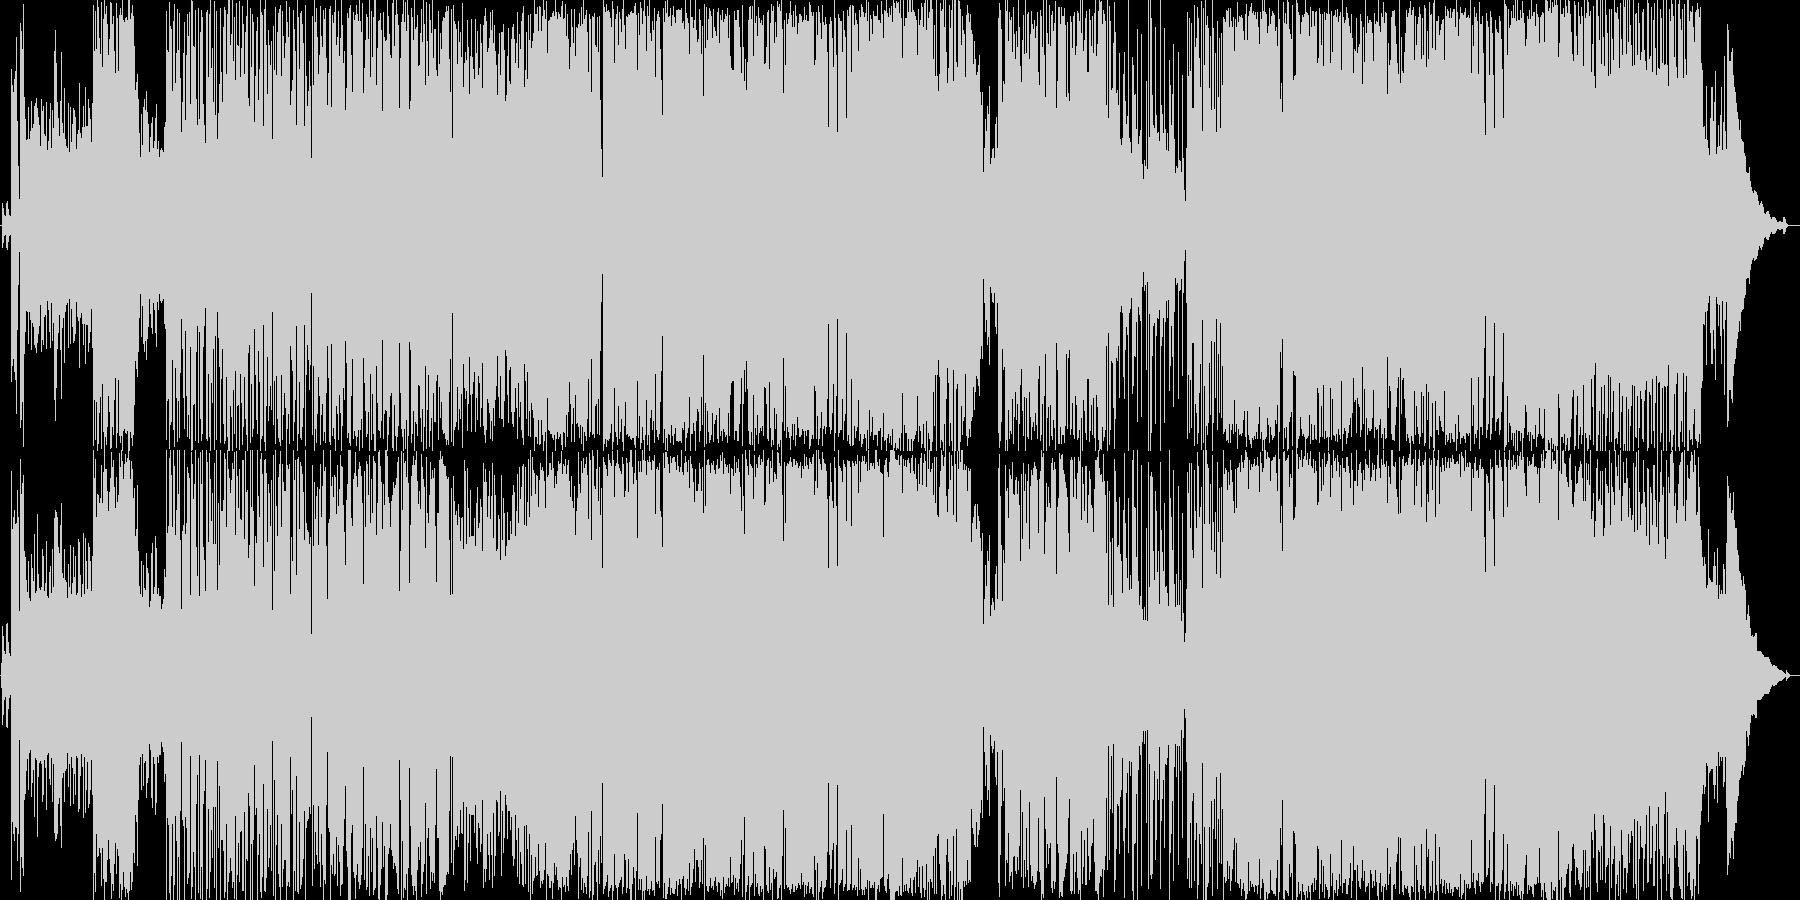 ギターリフがかっこいいロックバンド曲の未再生の波形